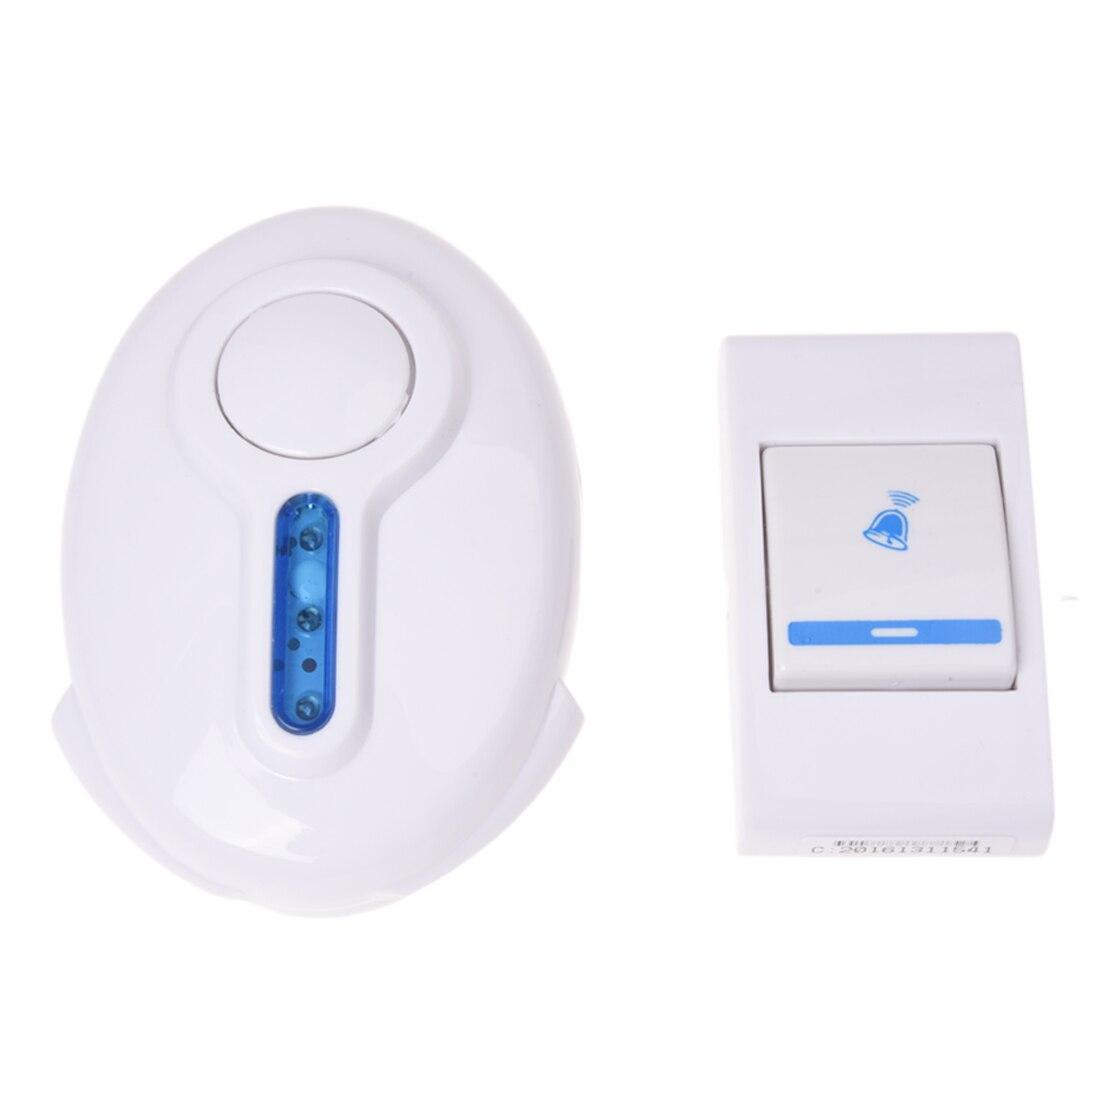 Wireless Doorbell Digital Door Chime 16 Tune Melody HomeWireless Doorbell Digital Door Chime 16 Tune Melody Home